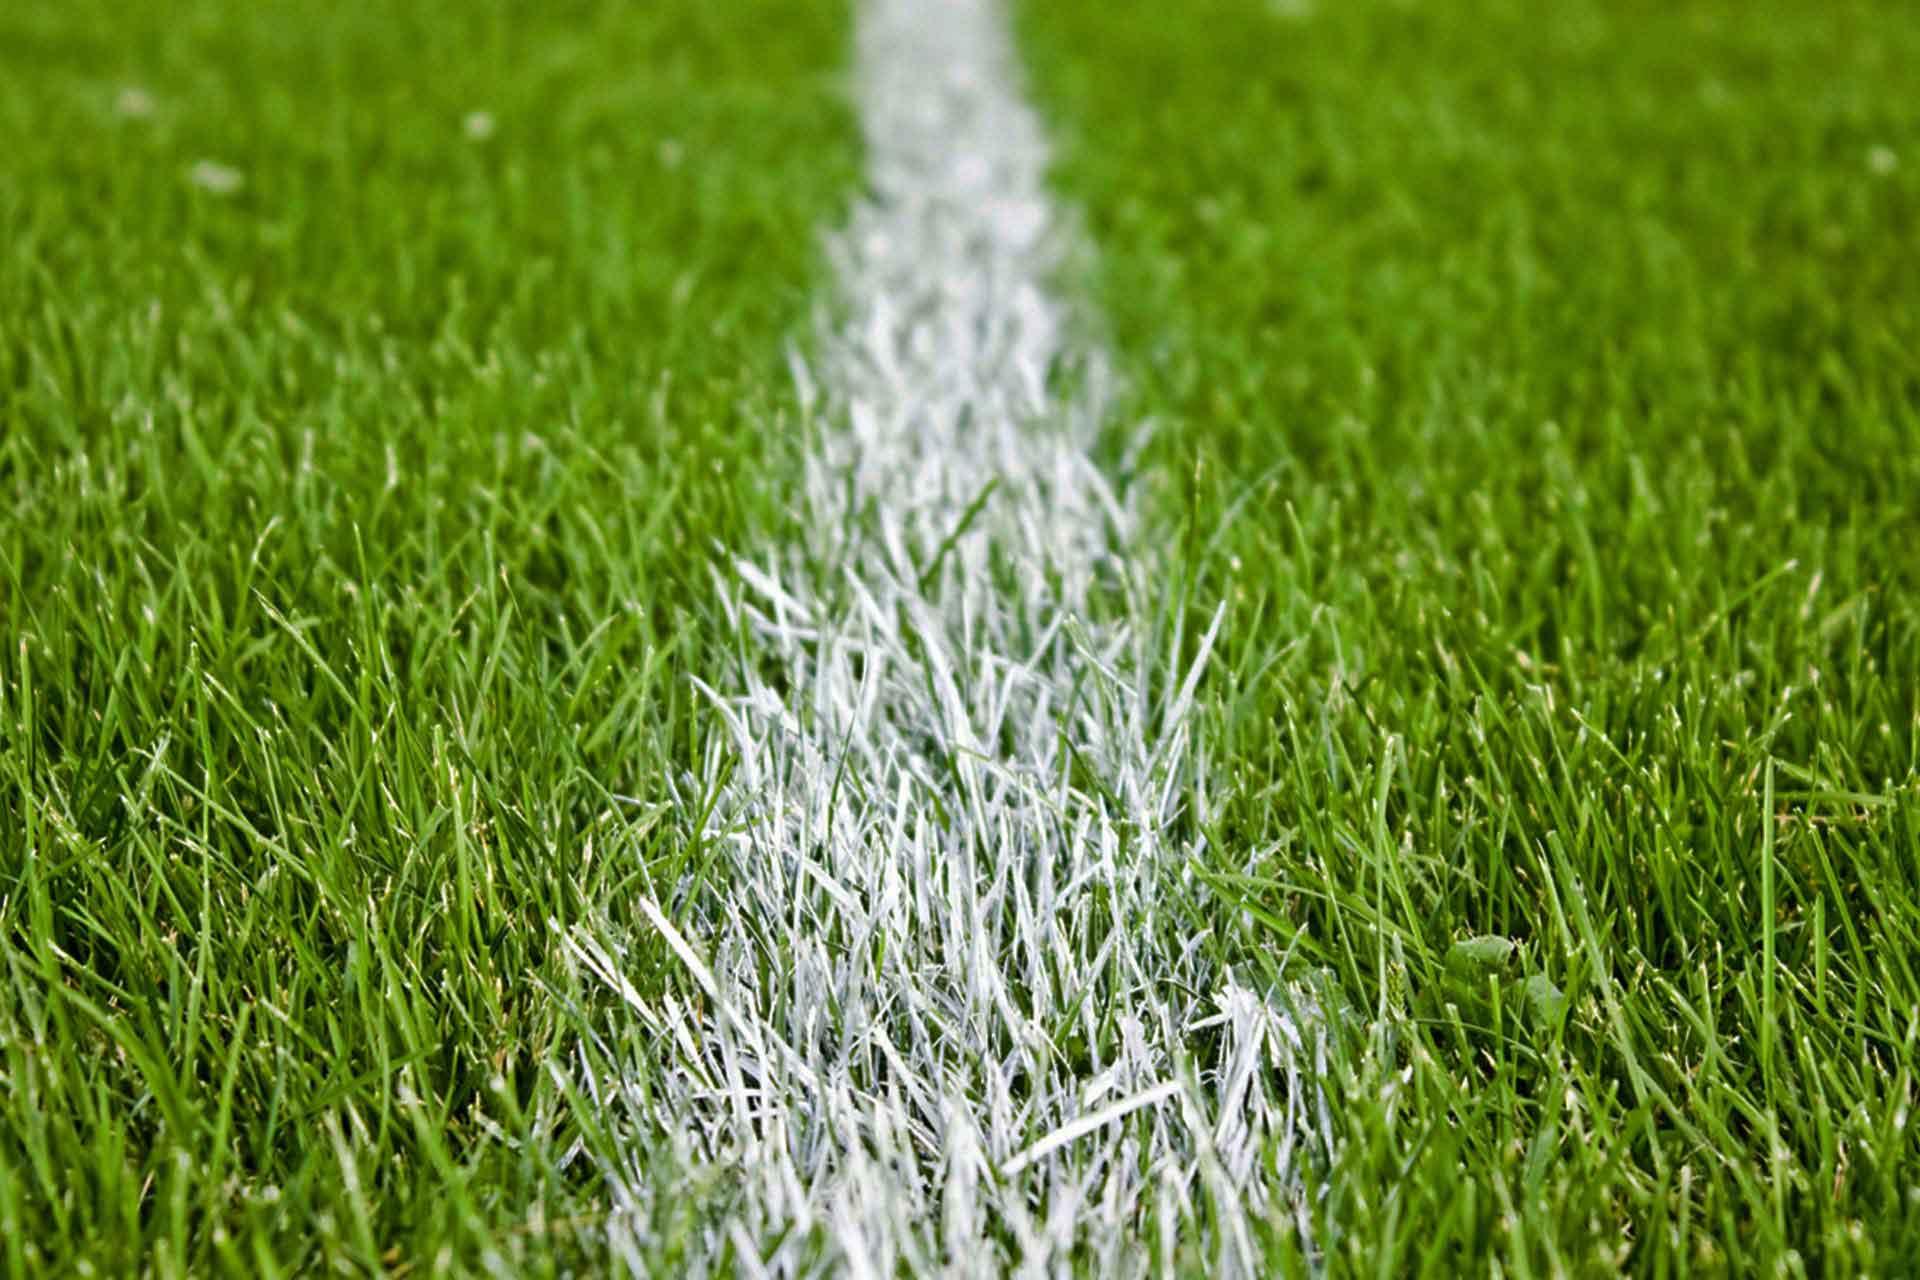 Football Grass Pitch 101072b Velizar Popov